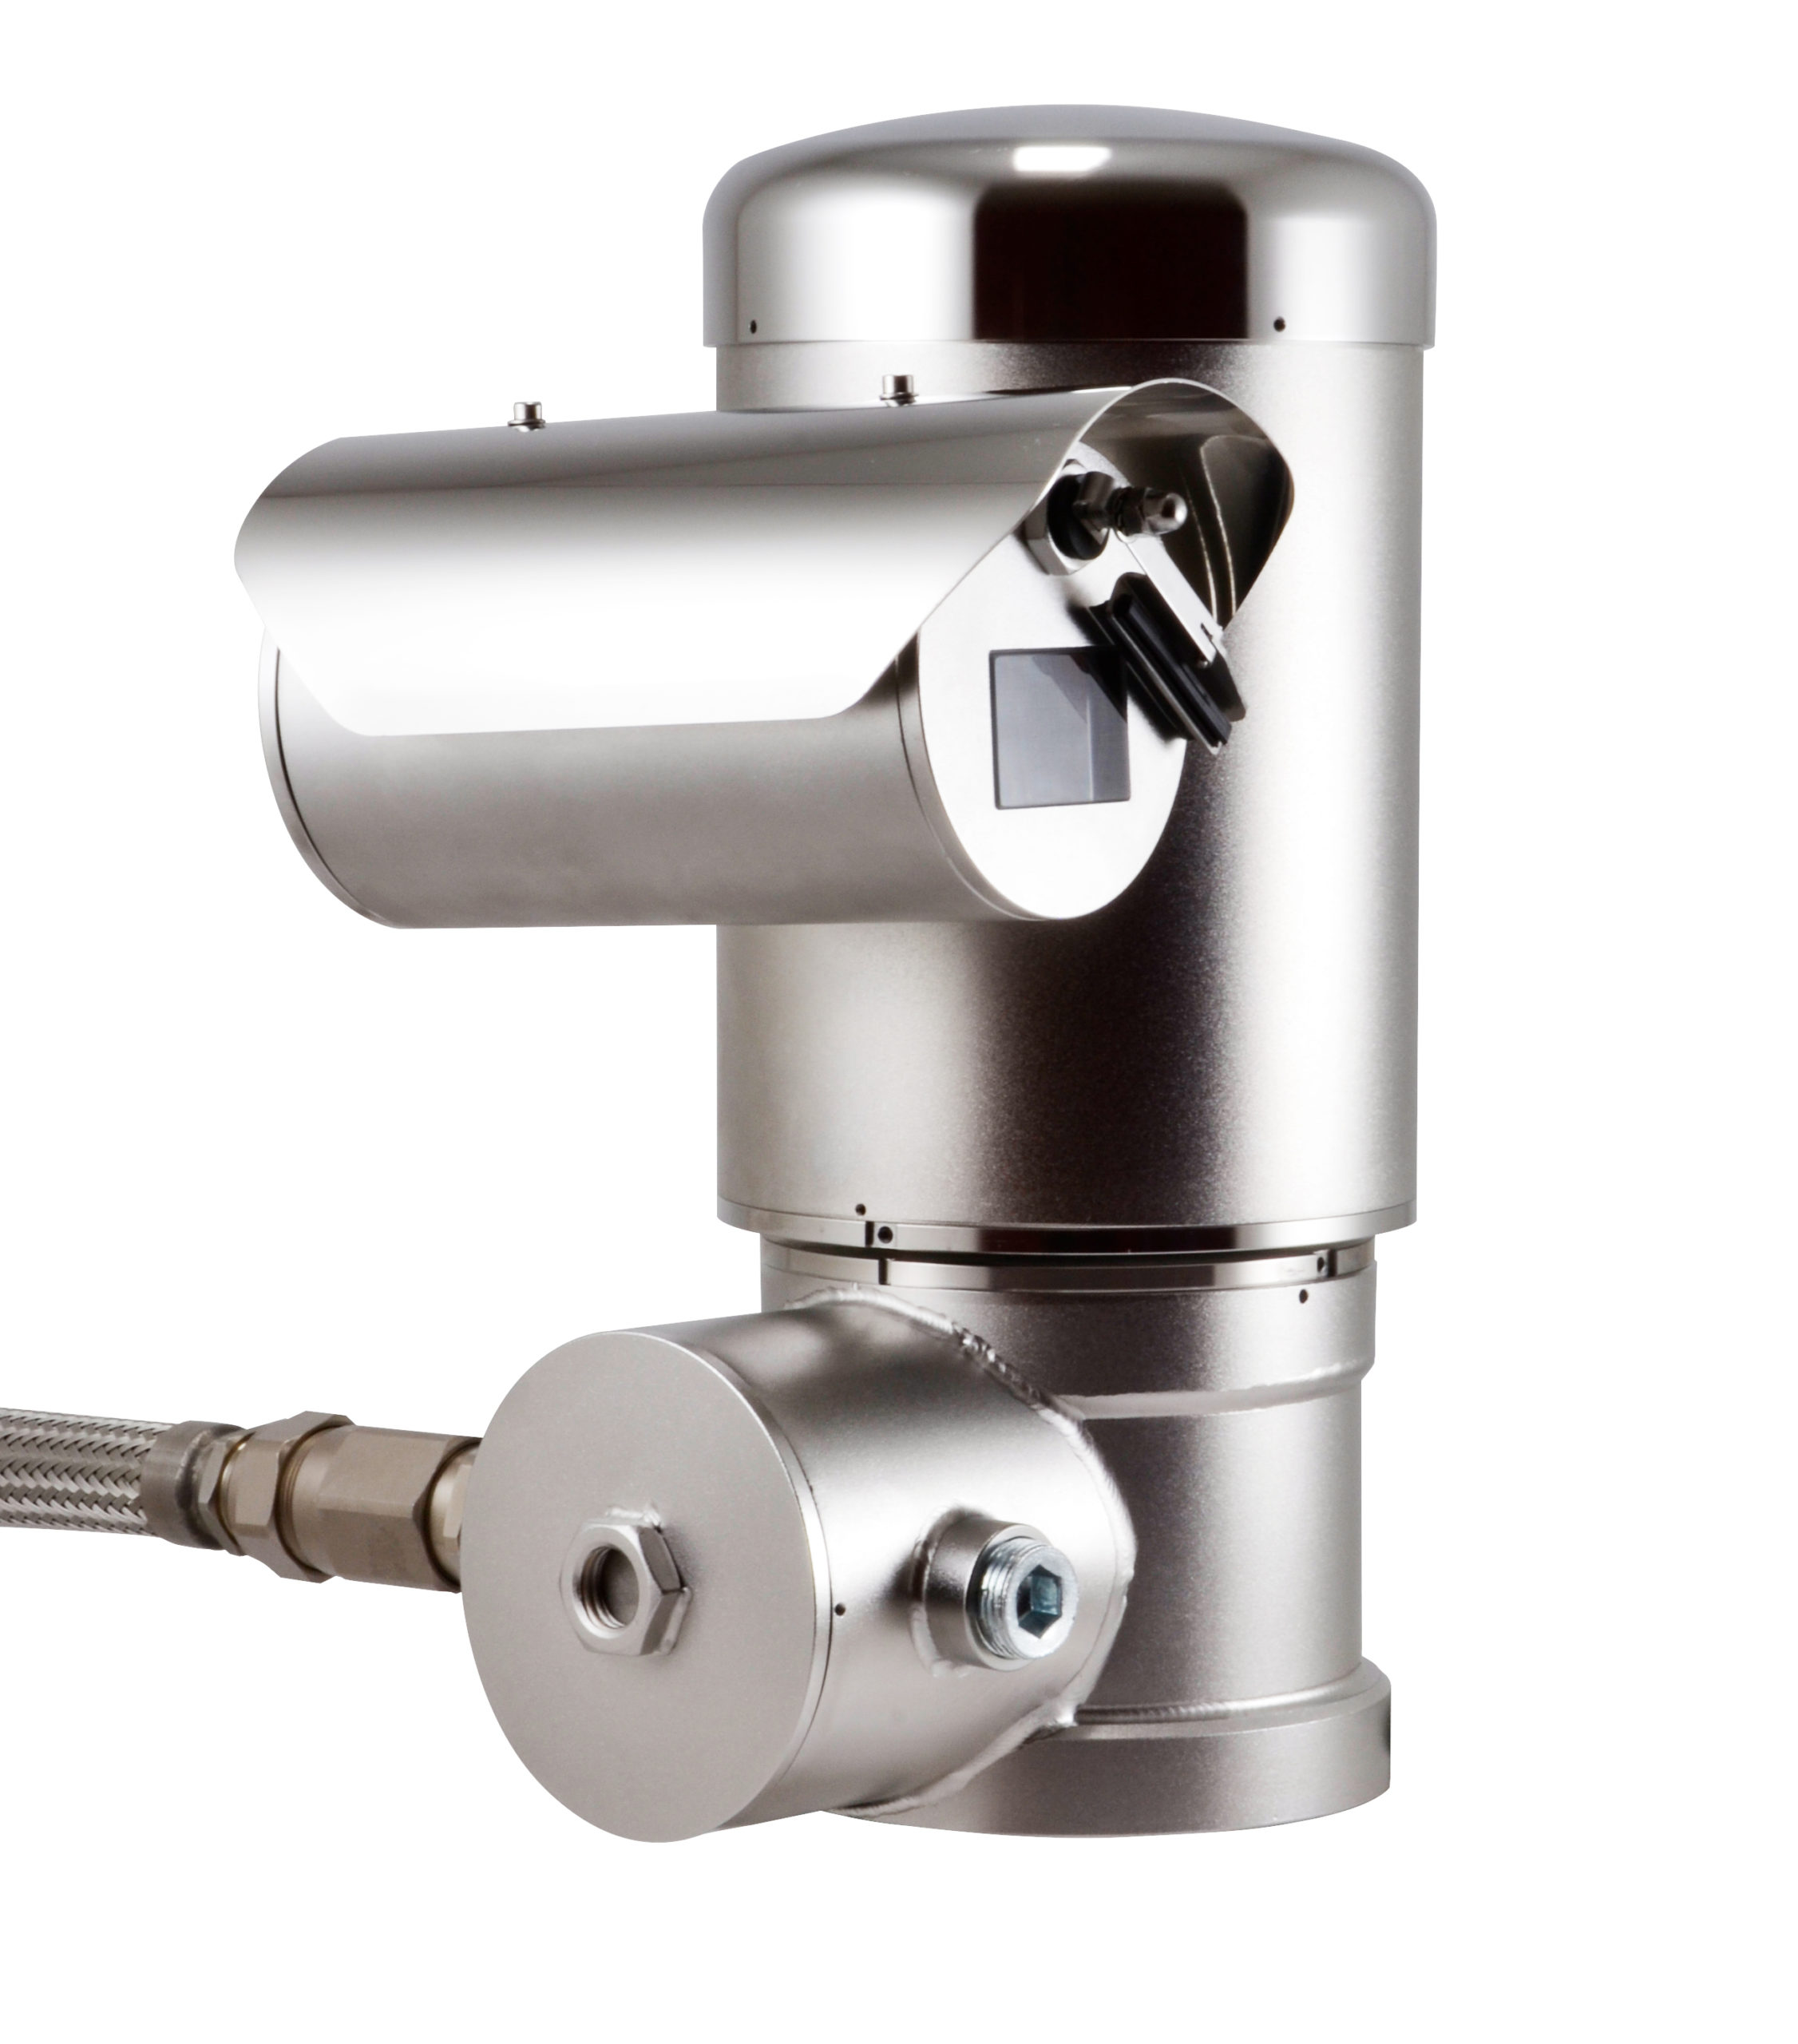 Visuel de la caméra MAXIMUS MPX issue de la gamme de caméras de surveillance produites par Videotec et distribuées par SIPPRO Solutions IP Protection en France.